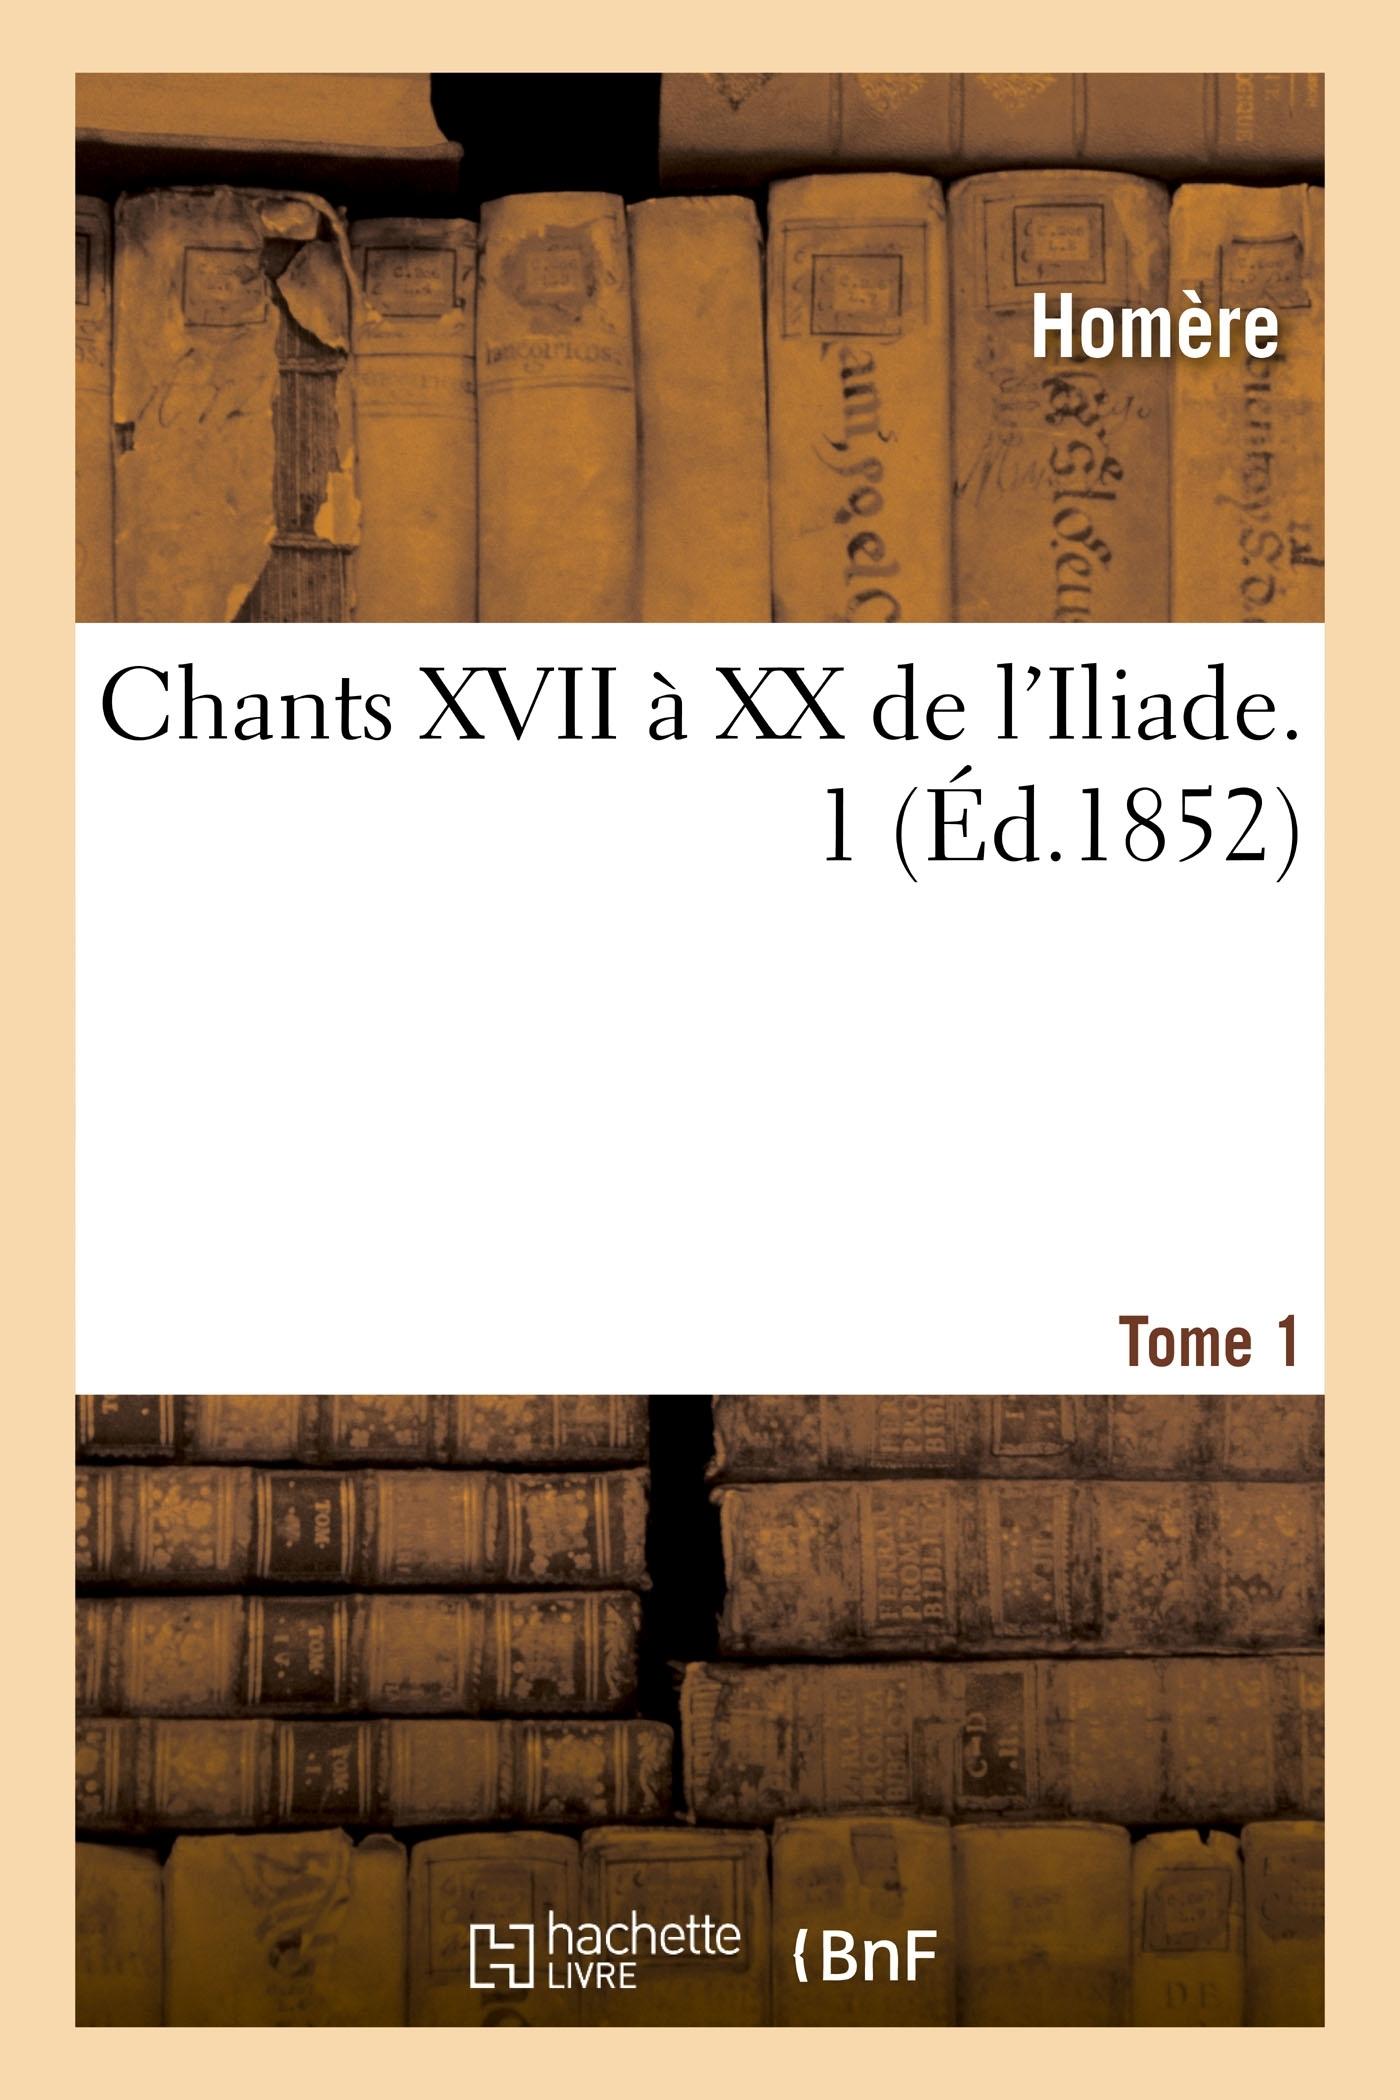 CHANTS XVII A XX DE L'ILIADE. TOME 1